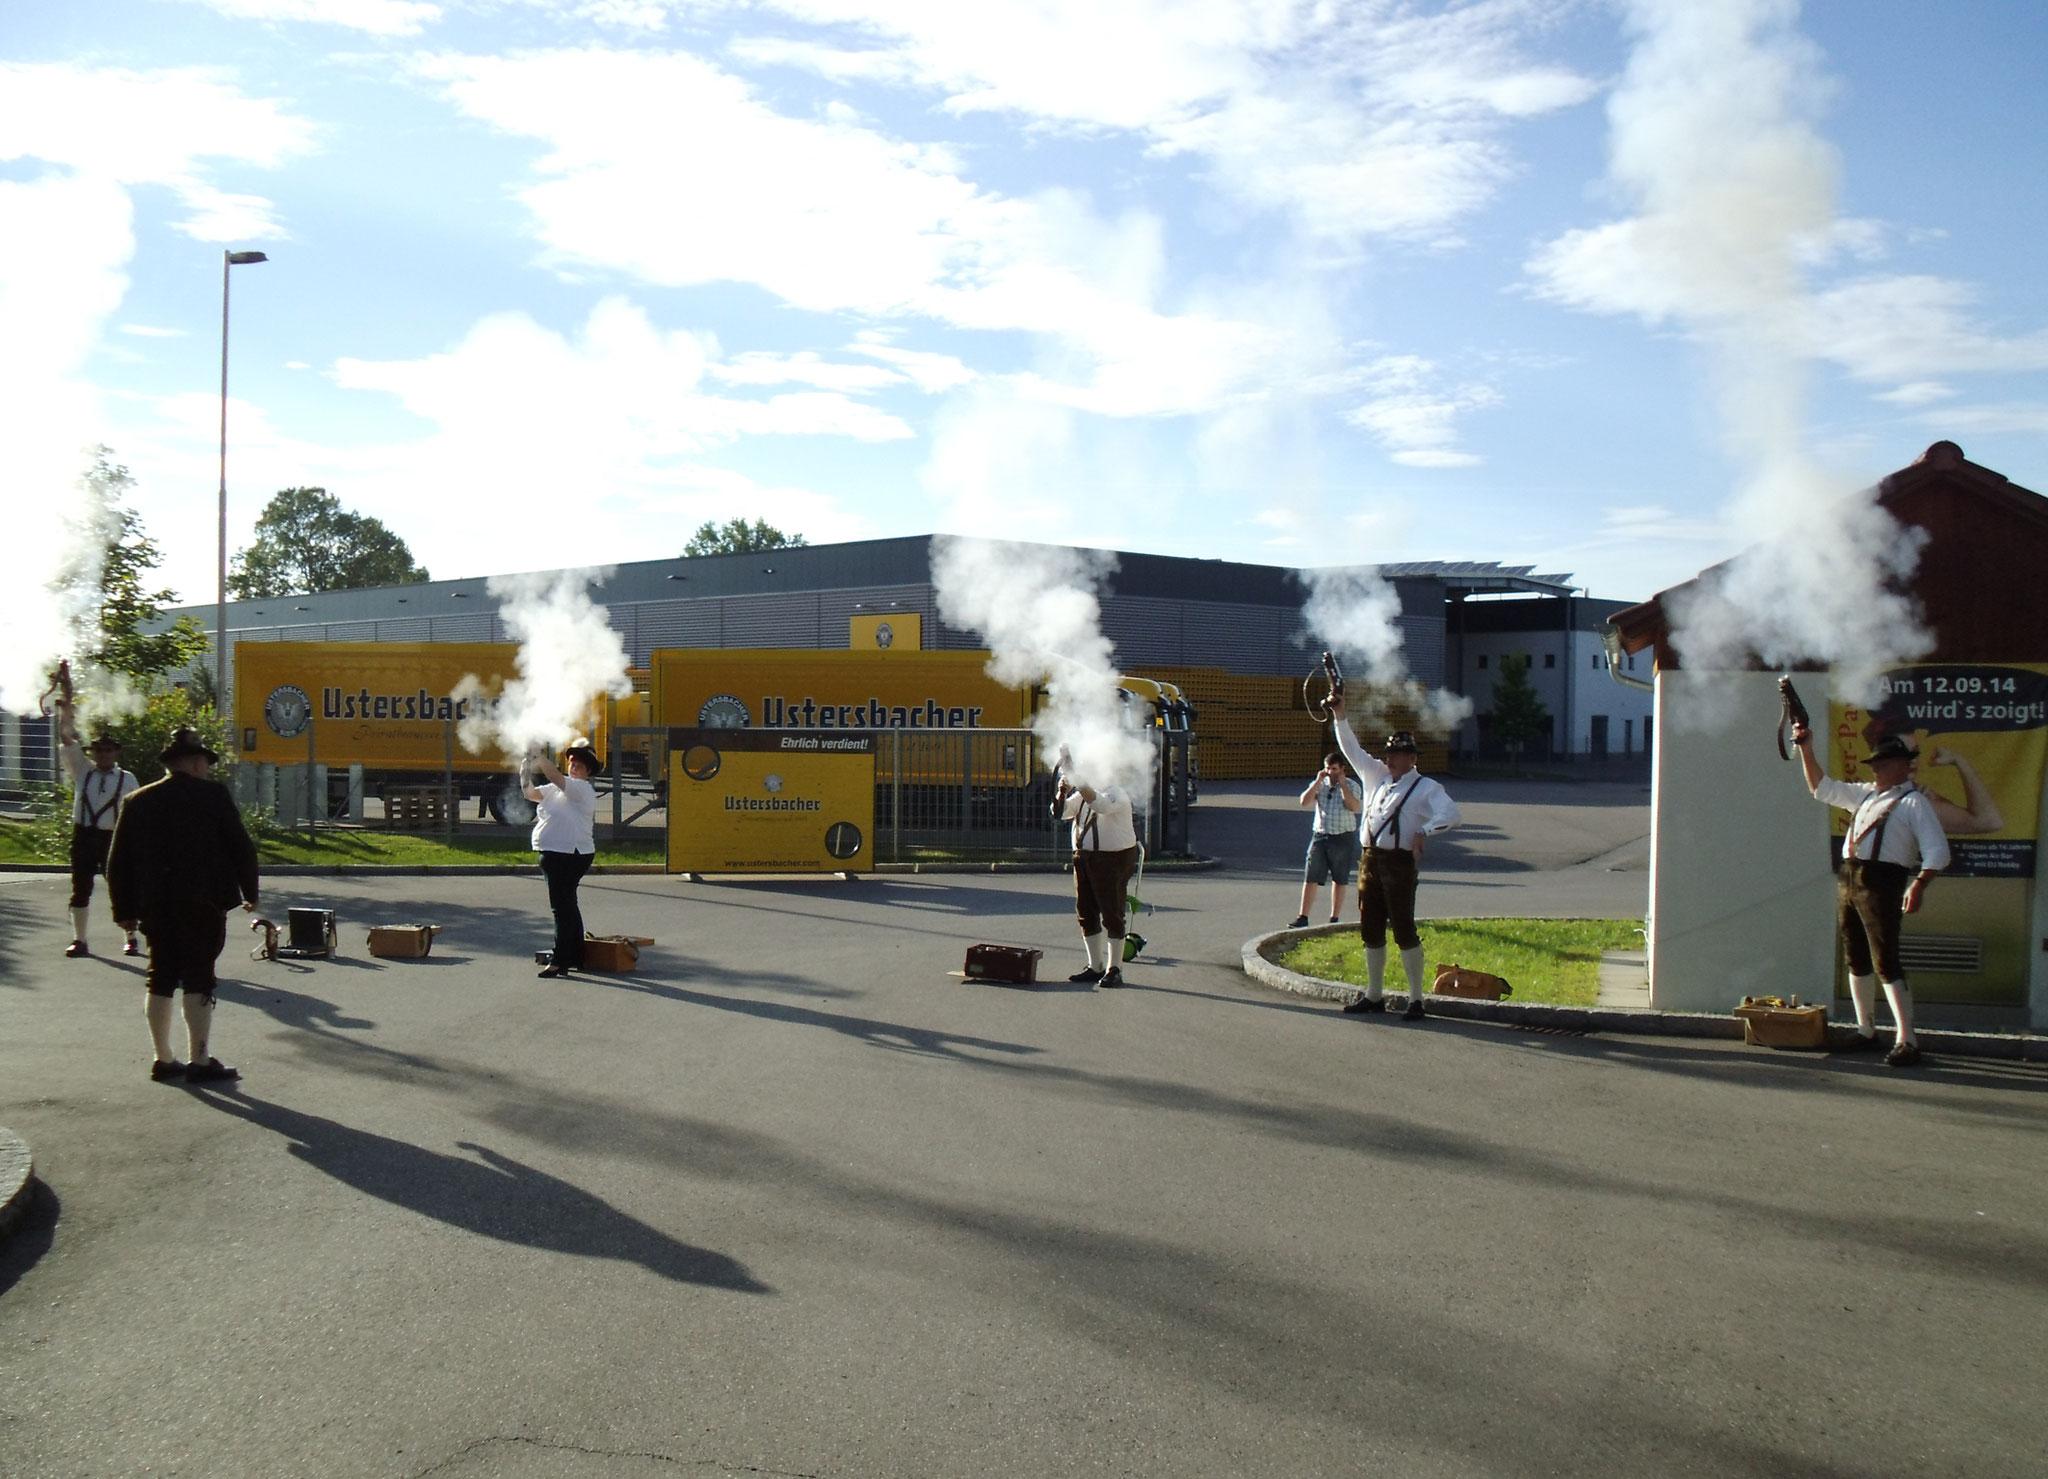 Eröffnung des Ustersbacher-Bierfestival´s   08.08.2014